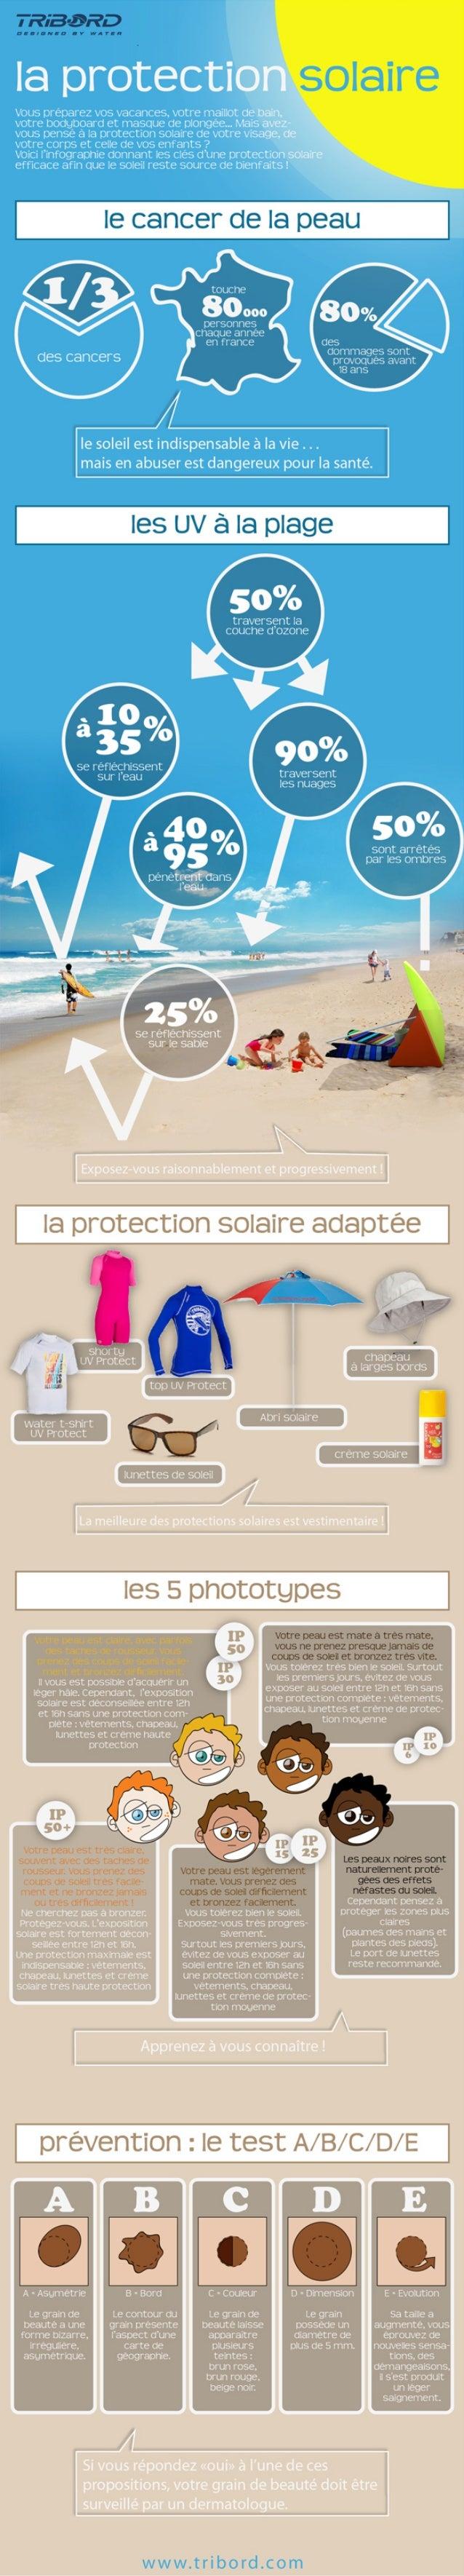 Infographie la Protection Solaire